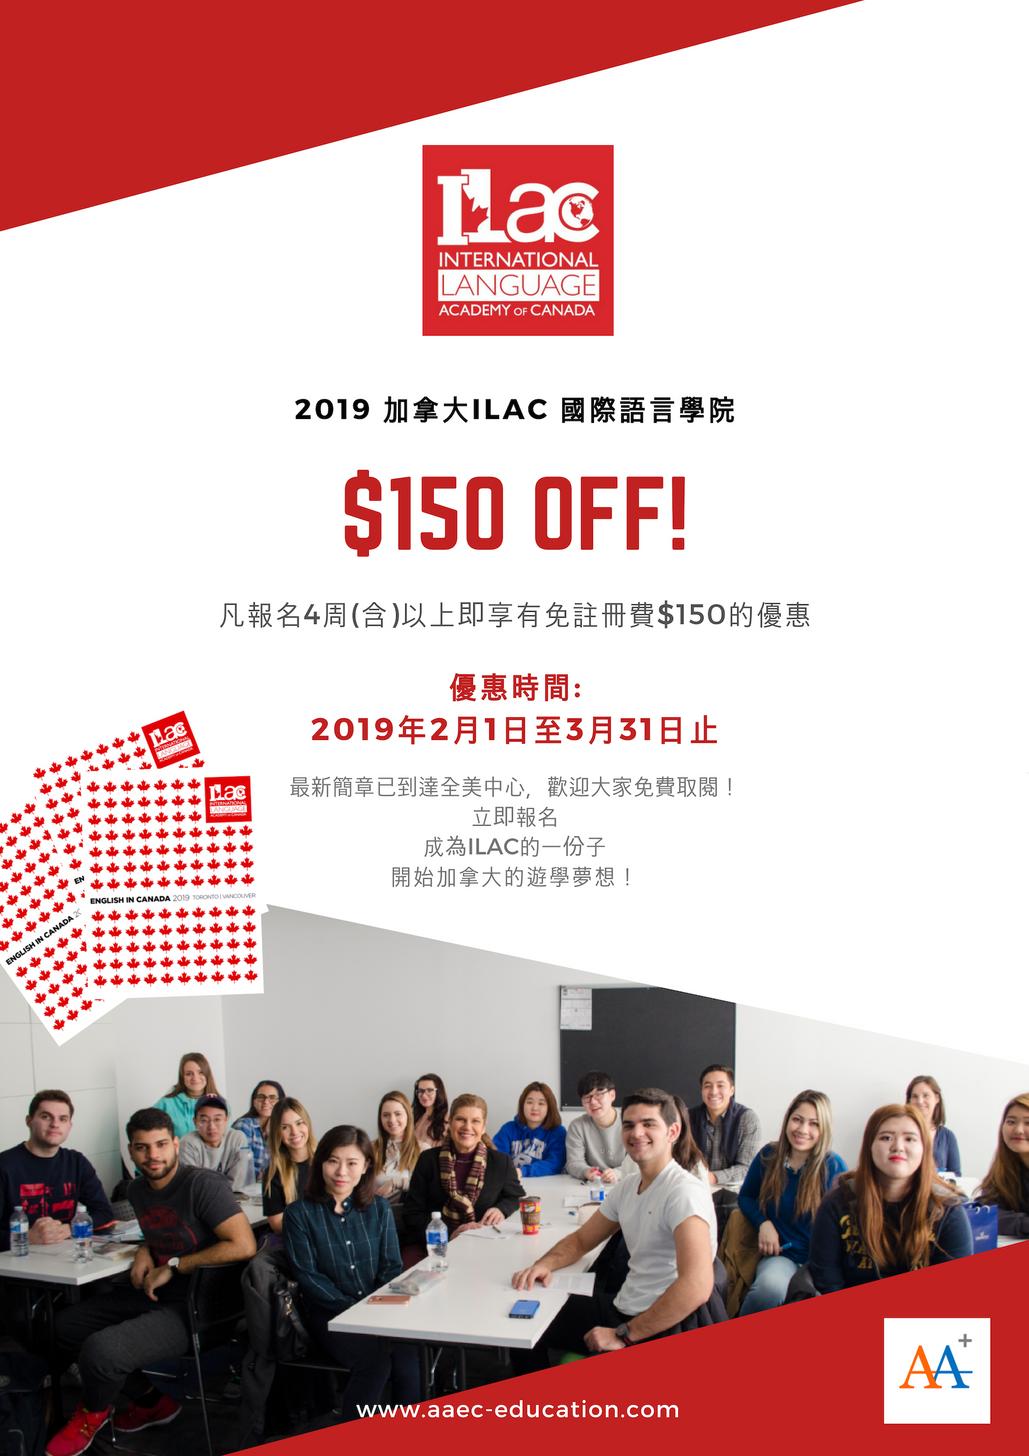 [最新優惠] 加拿大ILAC 國際語言學校